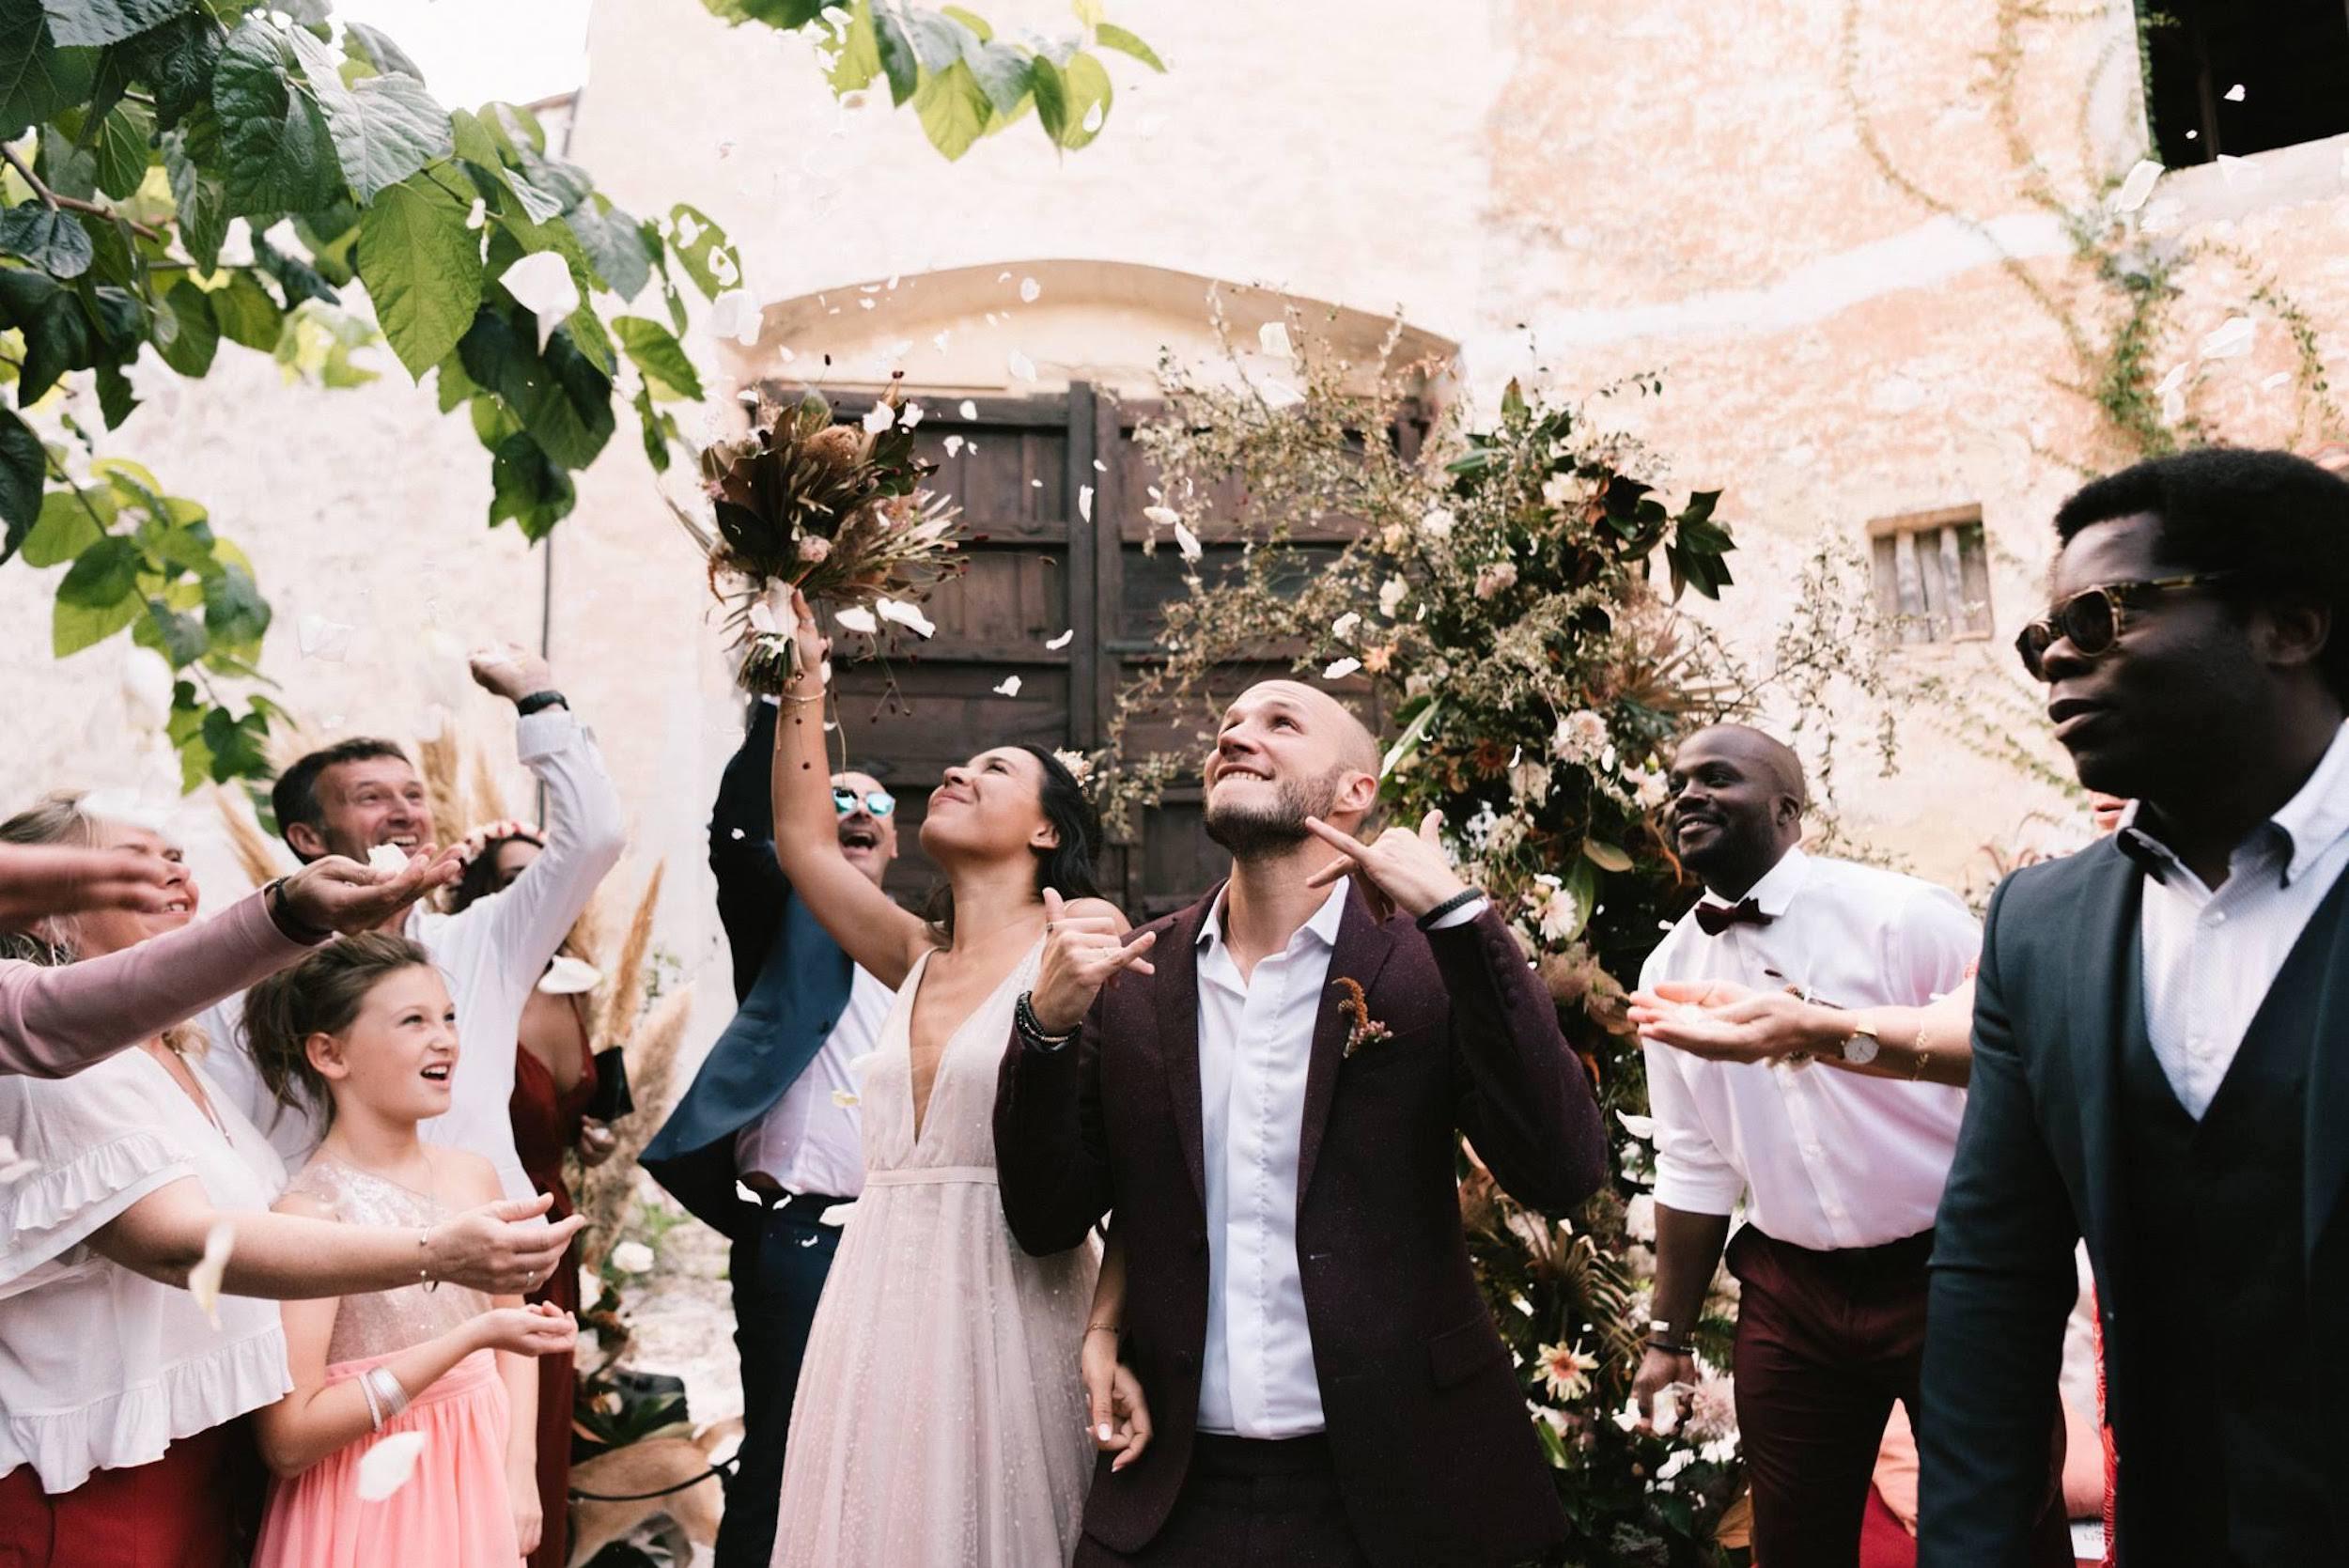 Reflets - Fleuriste mariage - Mariage terracotta et bohème à Barcelone